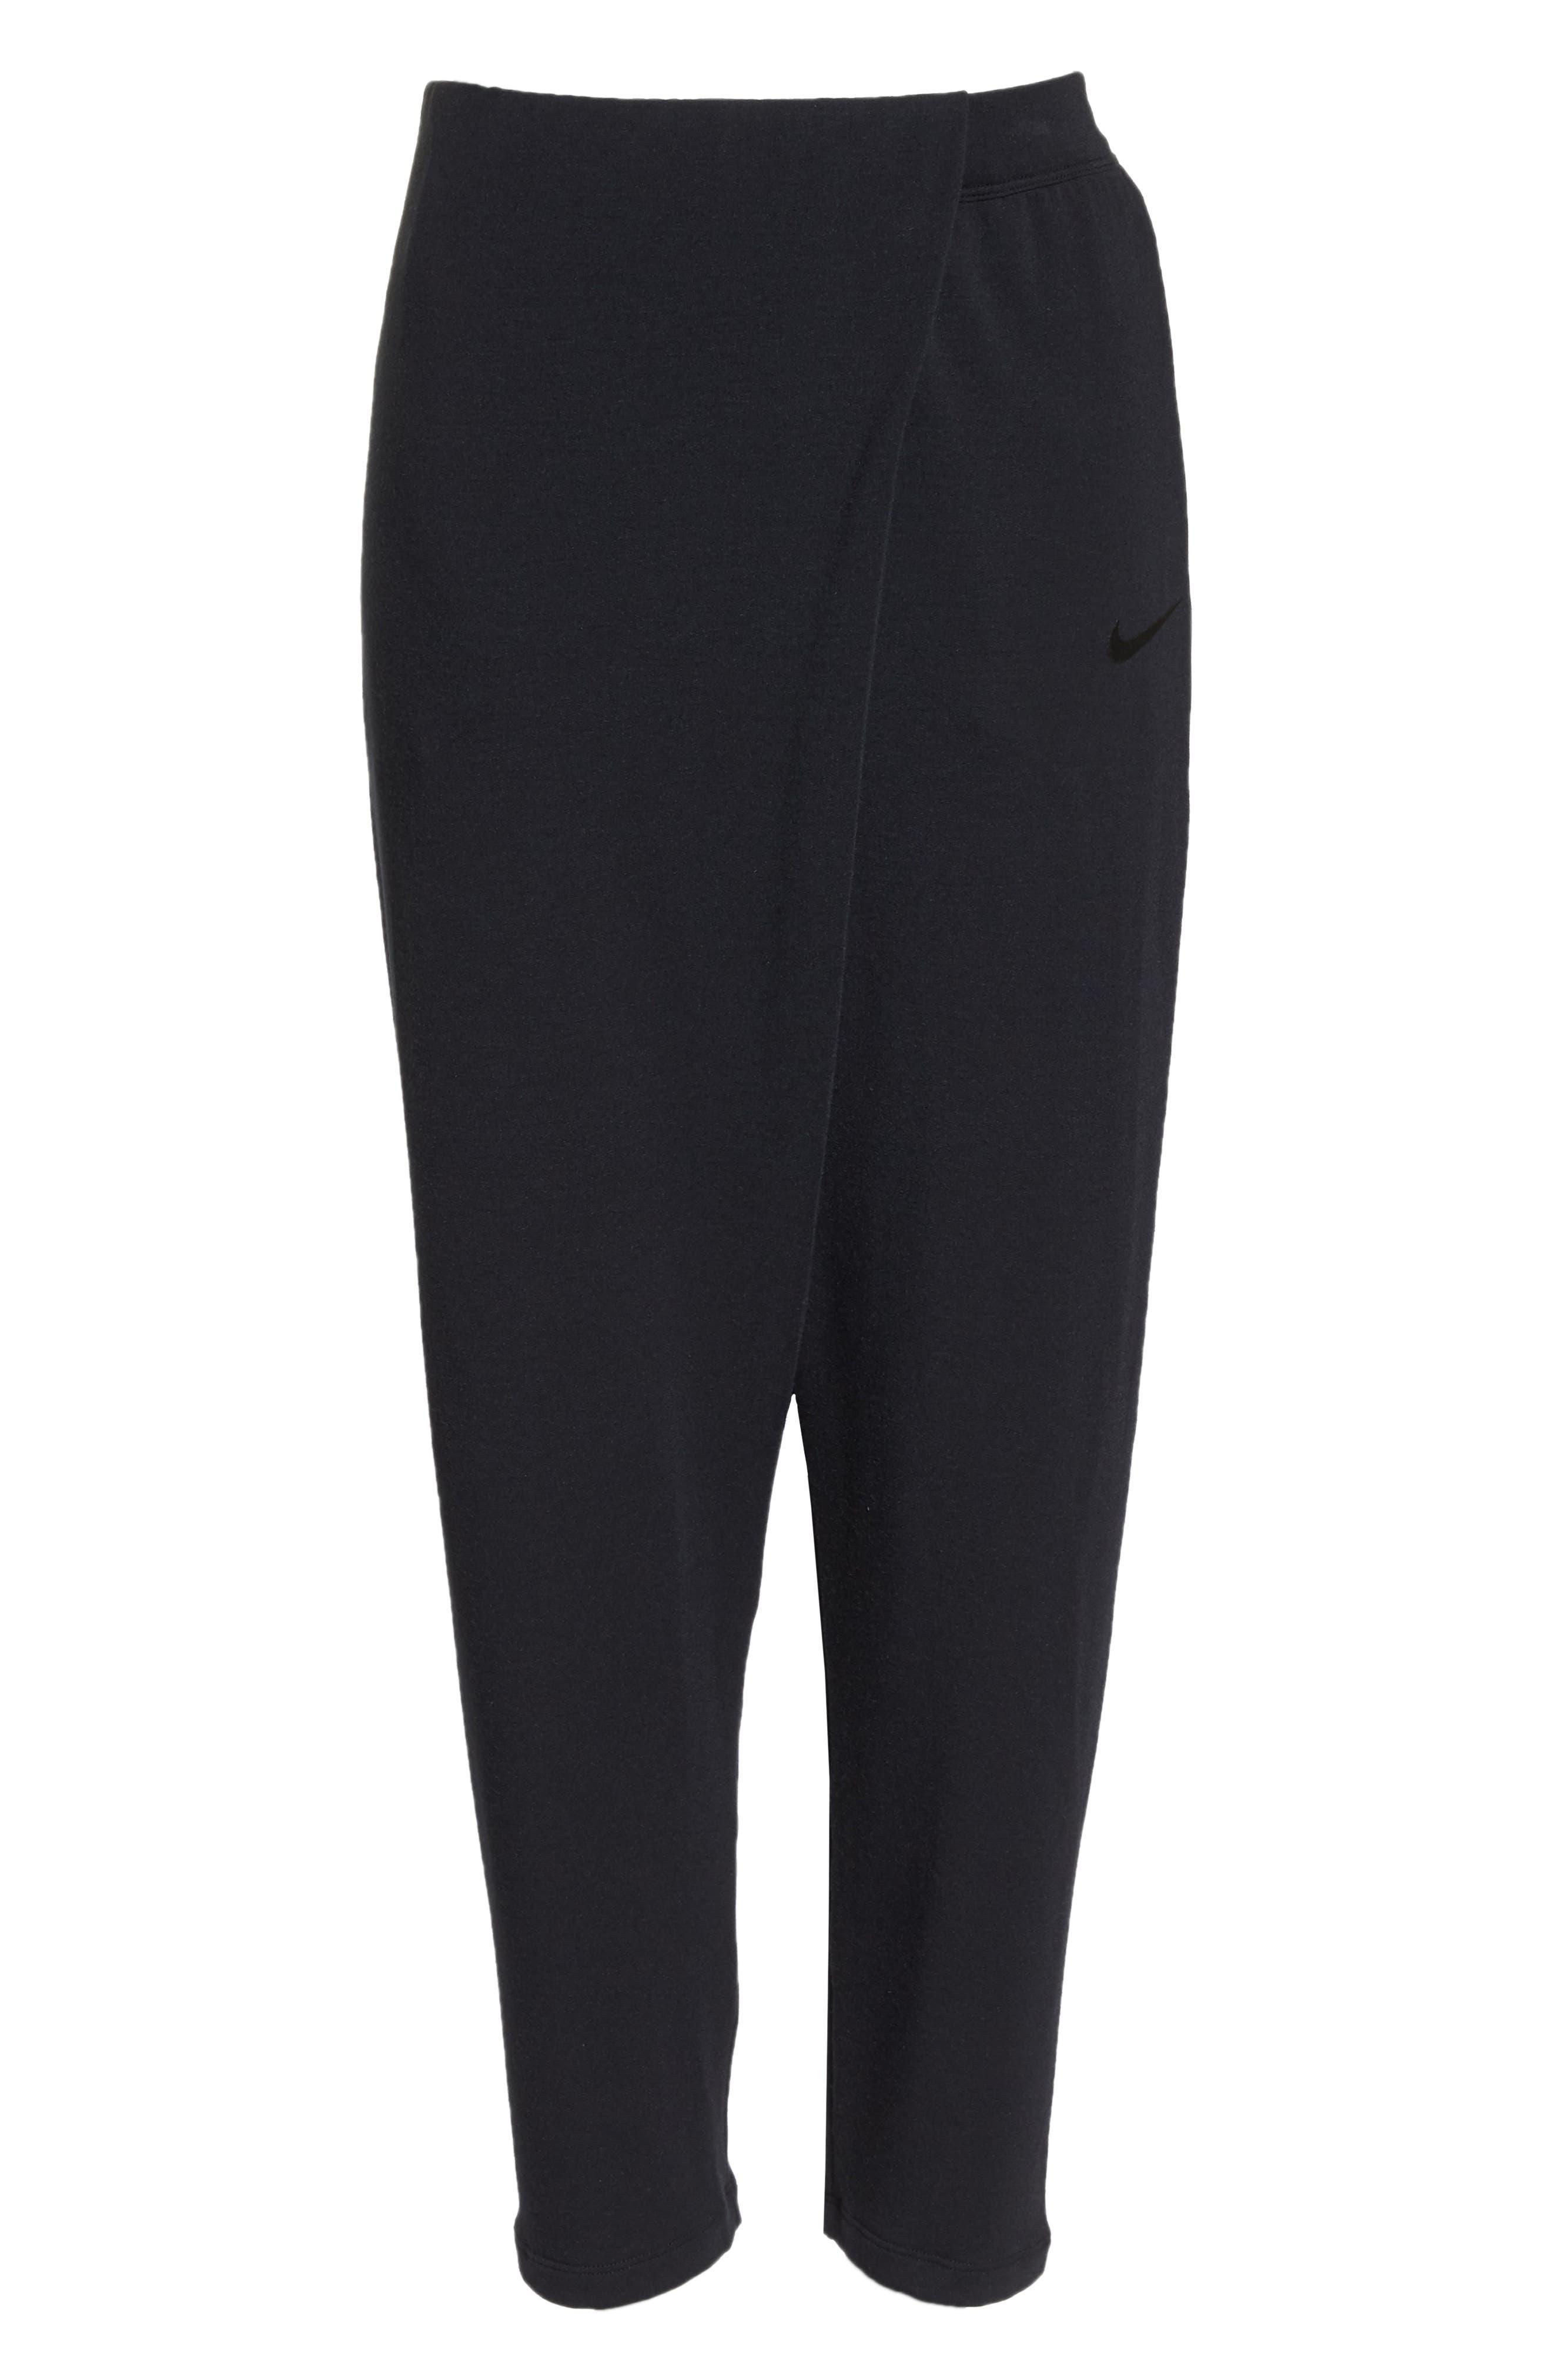 NIKE,                             Dry Studio Training Pants,                             Alternate thumbnail 7, color,                             BLACK/ BLACK